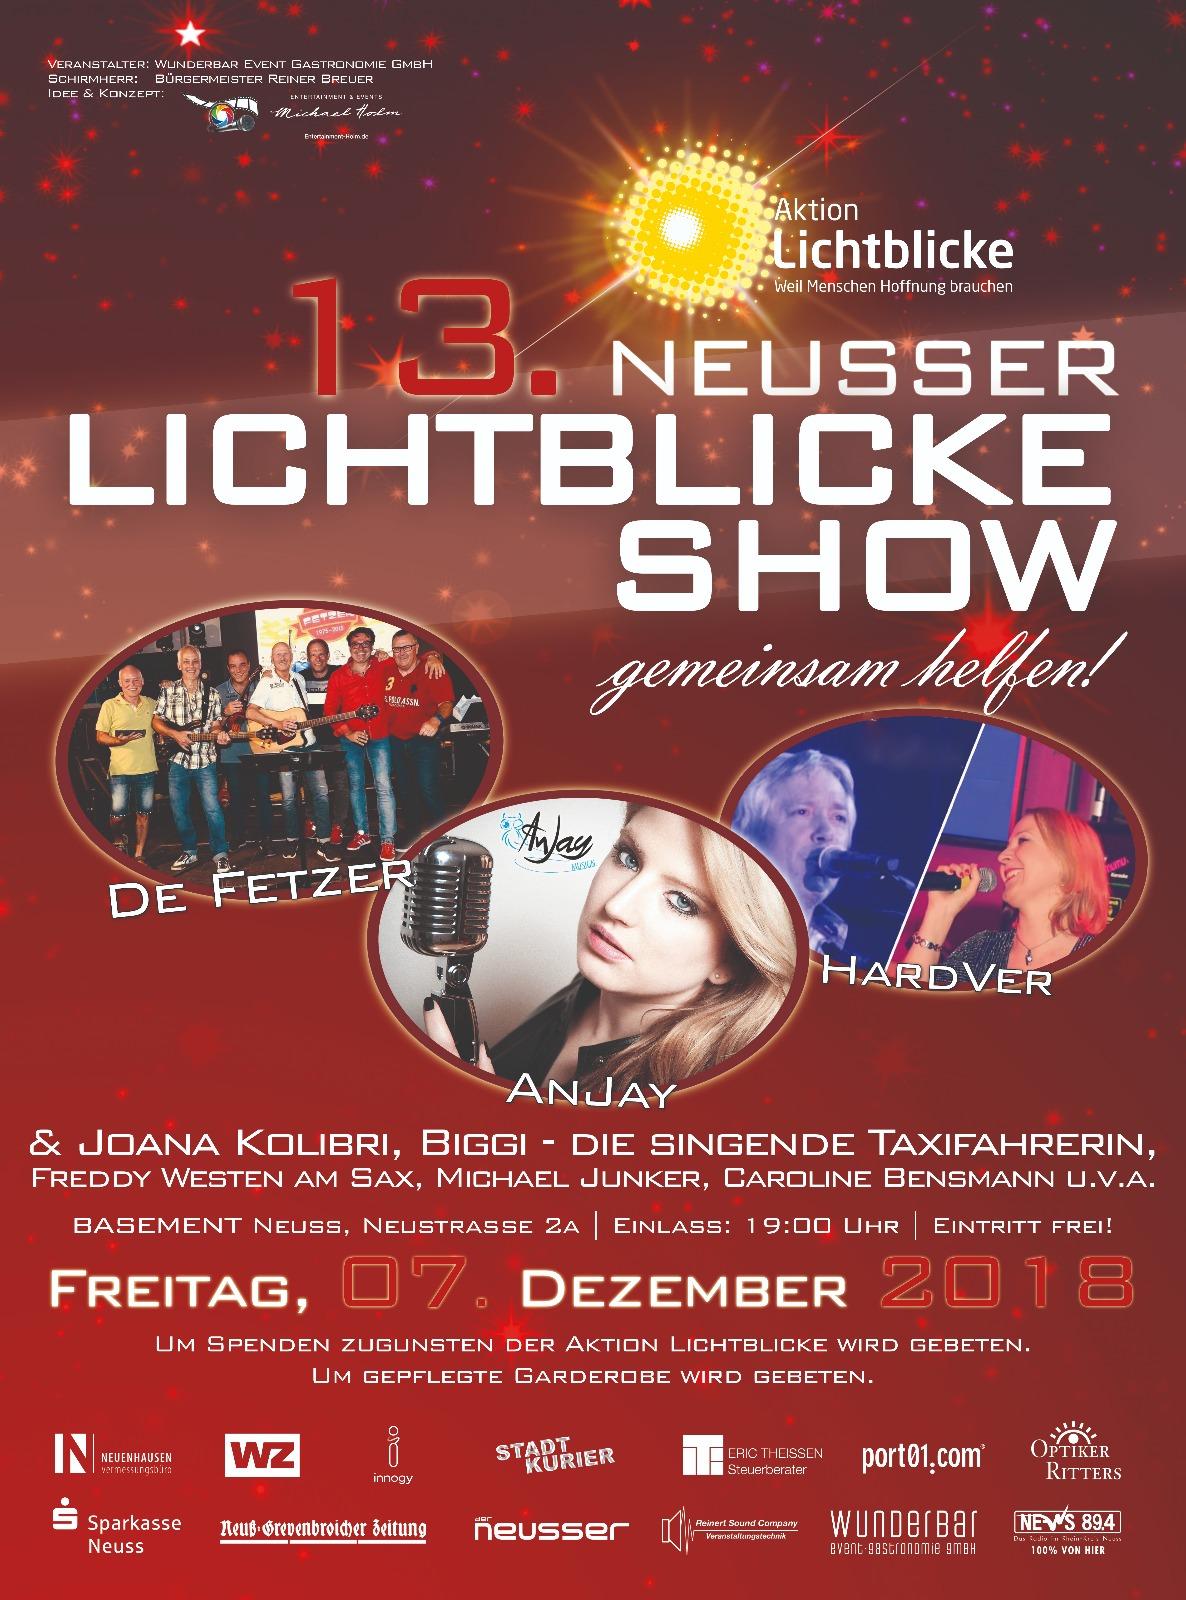 Plakat Lichtblicke Show.jpg